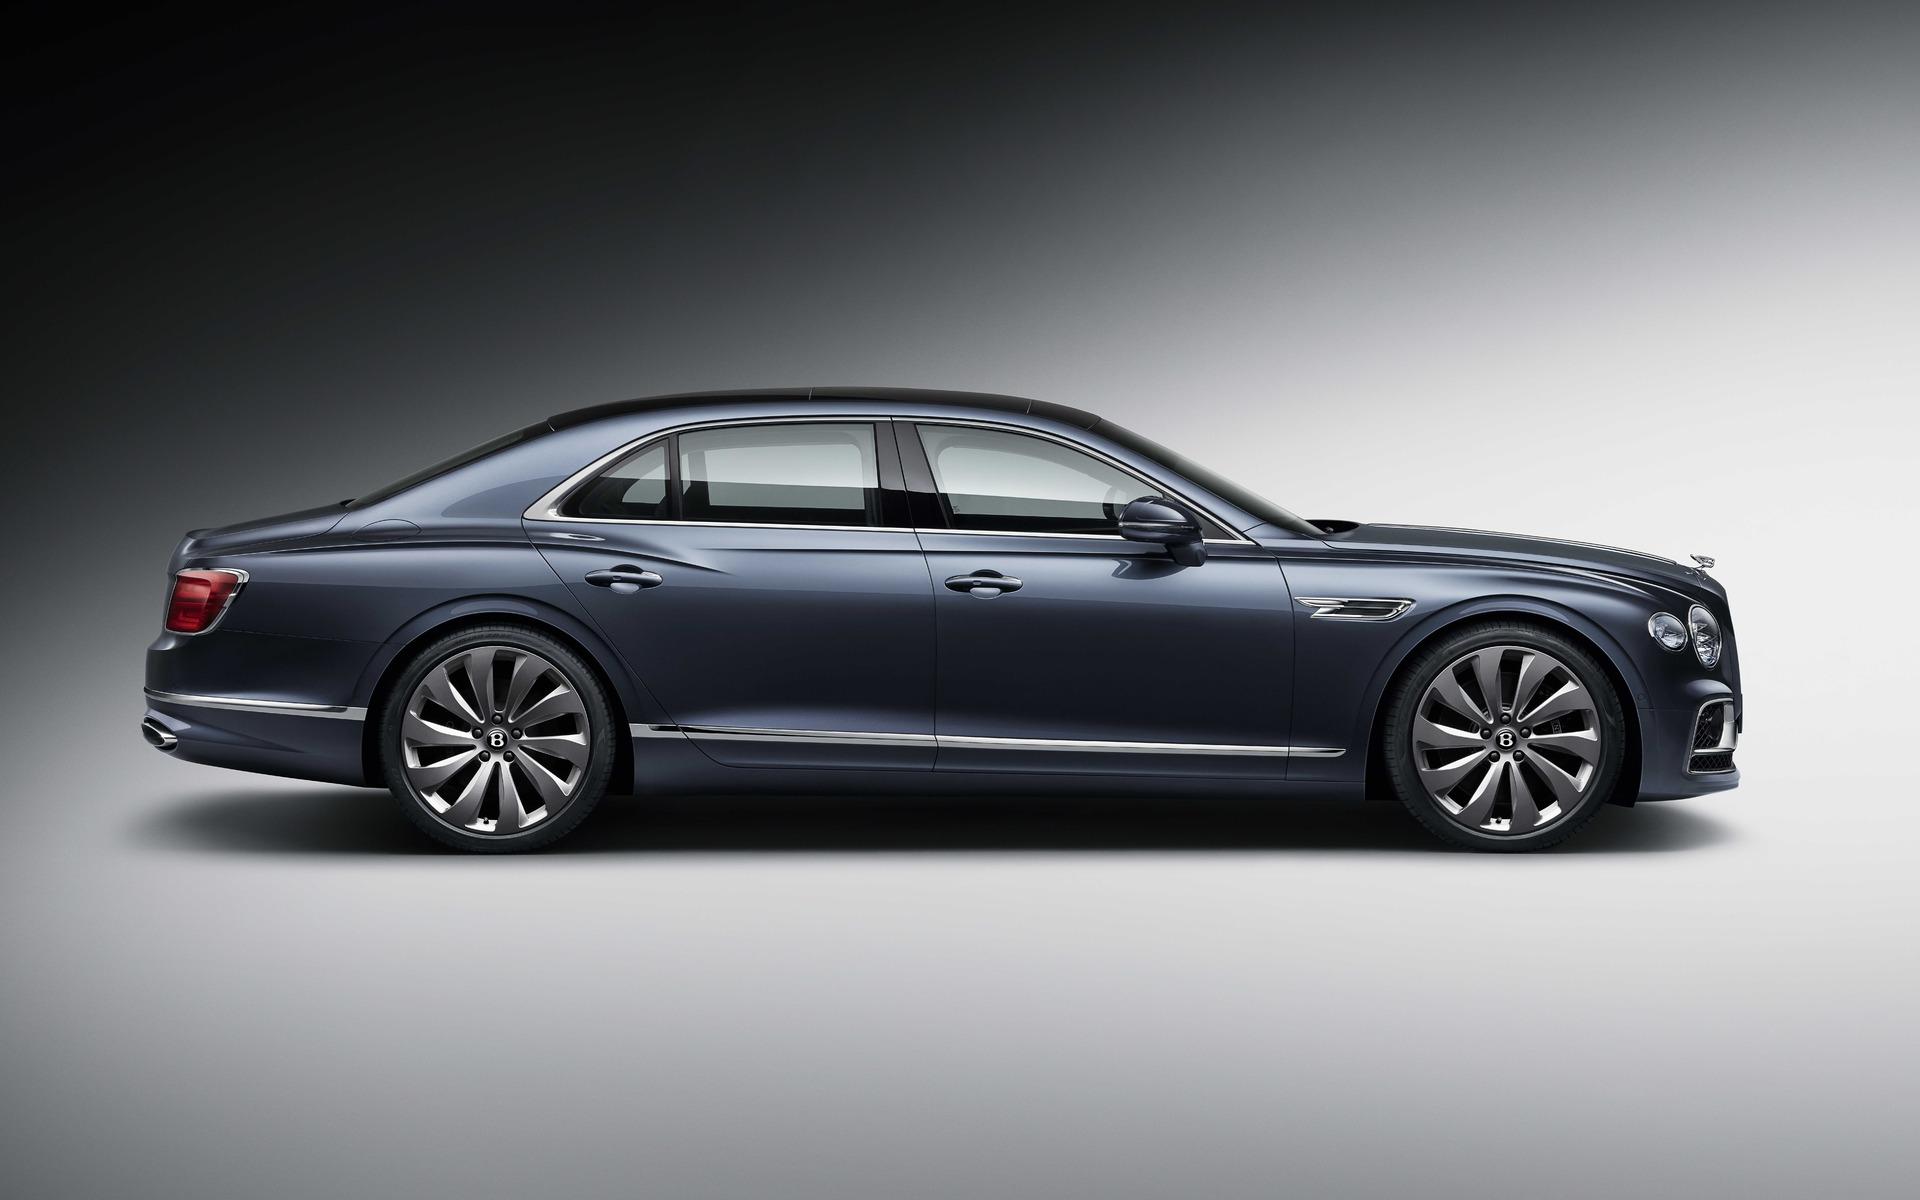 Bentley présente sa nouvelle Flying Spur 380633_2020_Bentley_Flying_Spur